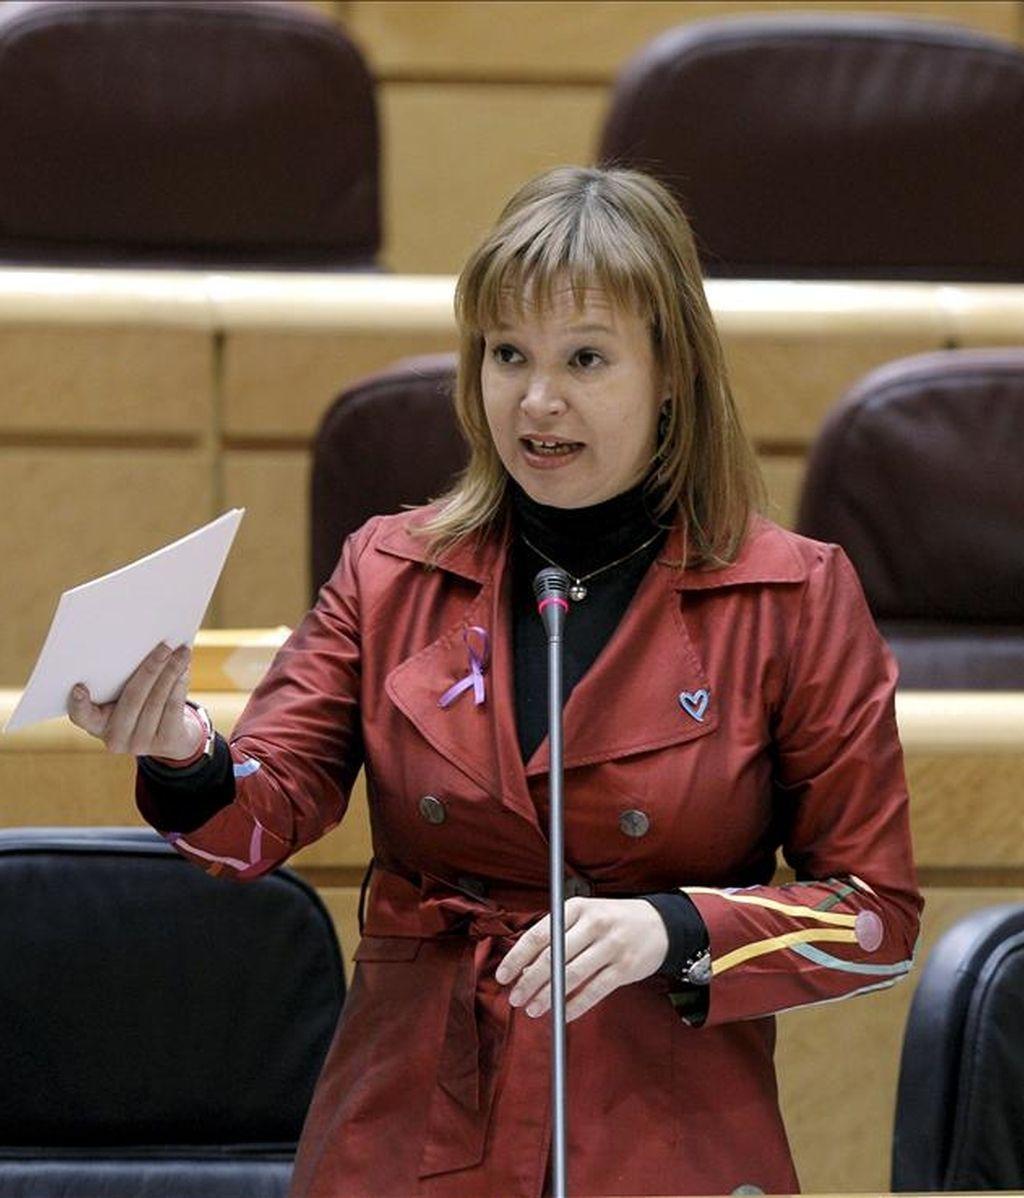 La ministra de Sanidad, Política Social e Igualdad, Leire Pajín, durante su intervención en el pleno del Senado celebrado en la Cámara Alta. EFE/Archivo